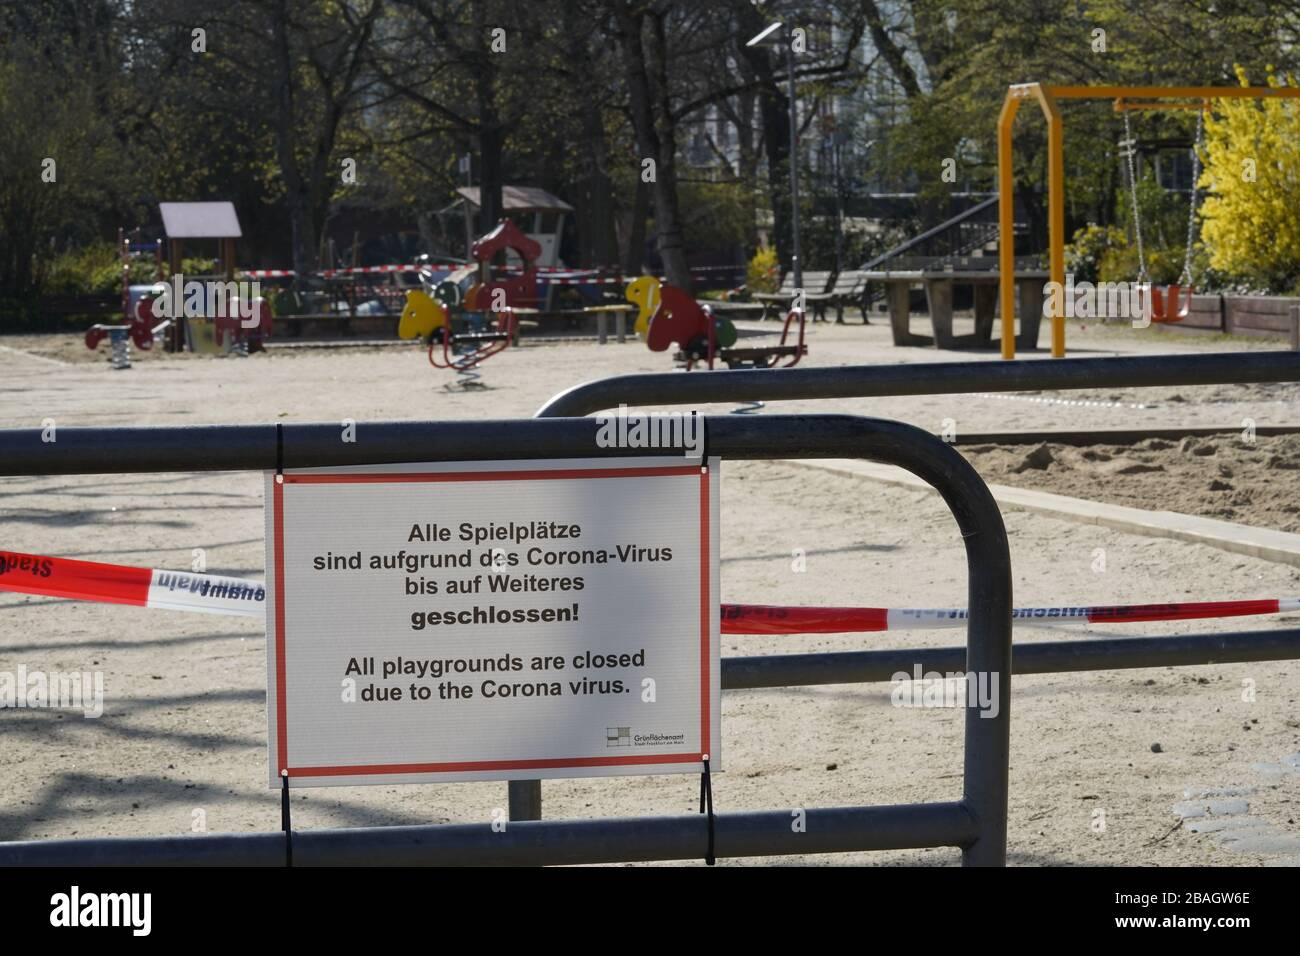 Cerrado Playgrounds en Frankfurt Alemania debido a Covid-19 Foto de stock